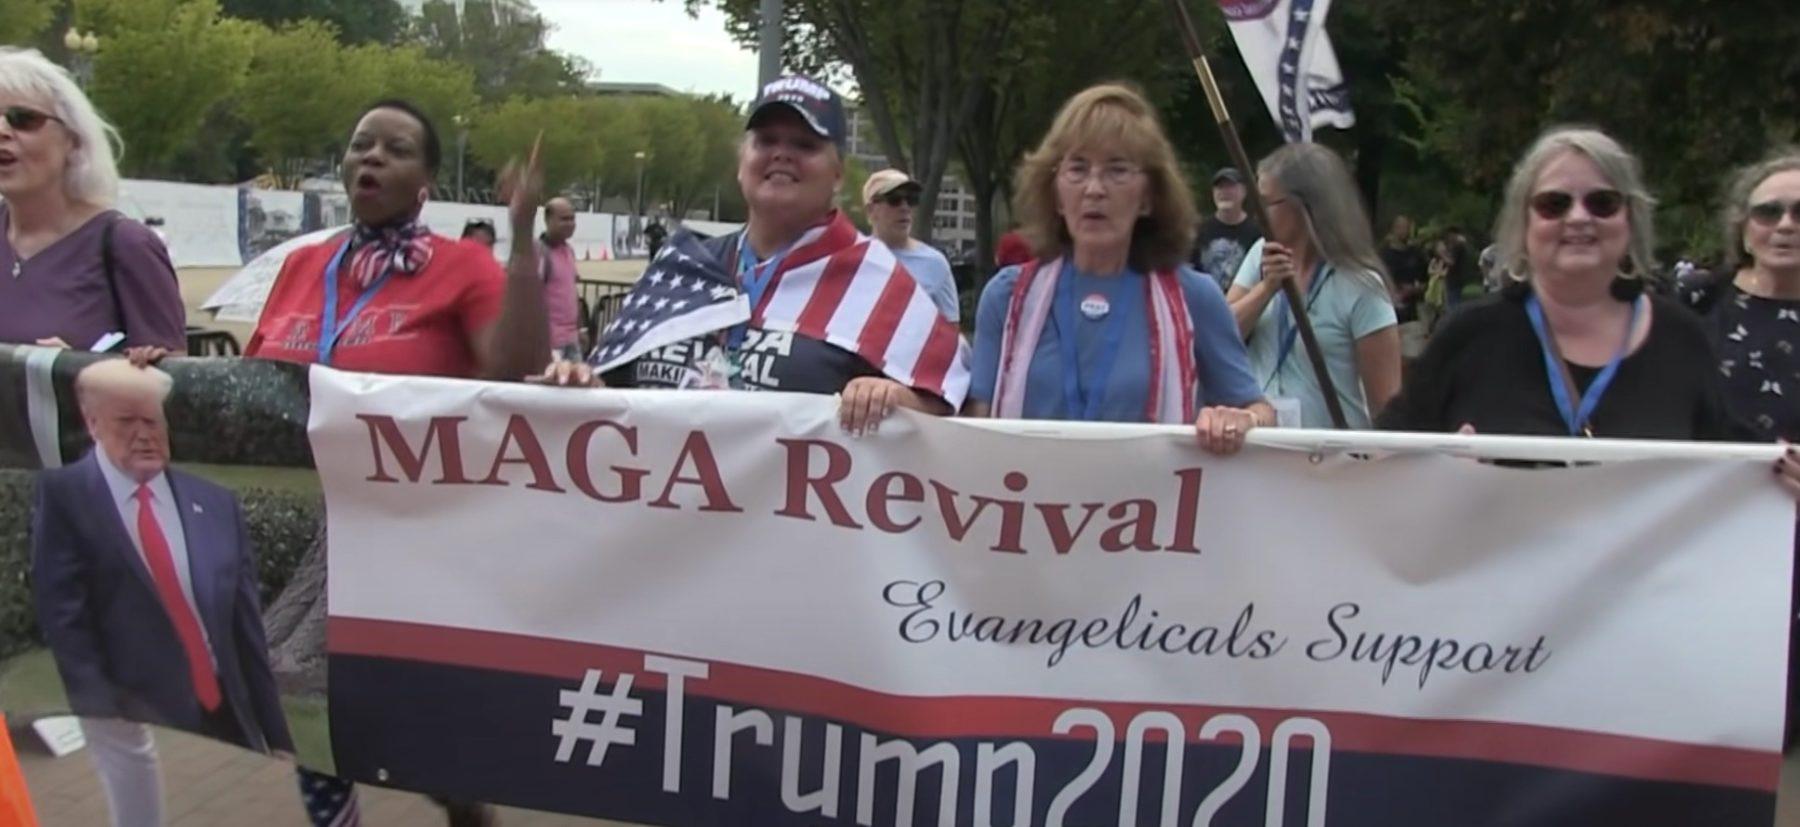 soutien des évangéliques à un candidat politique présidentielles américaines